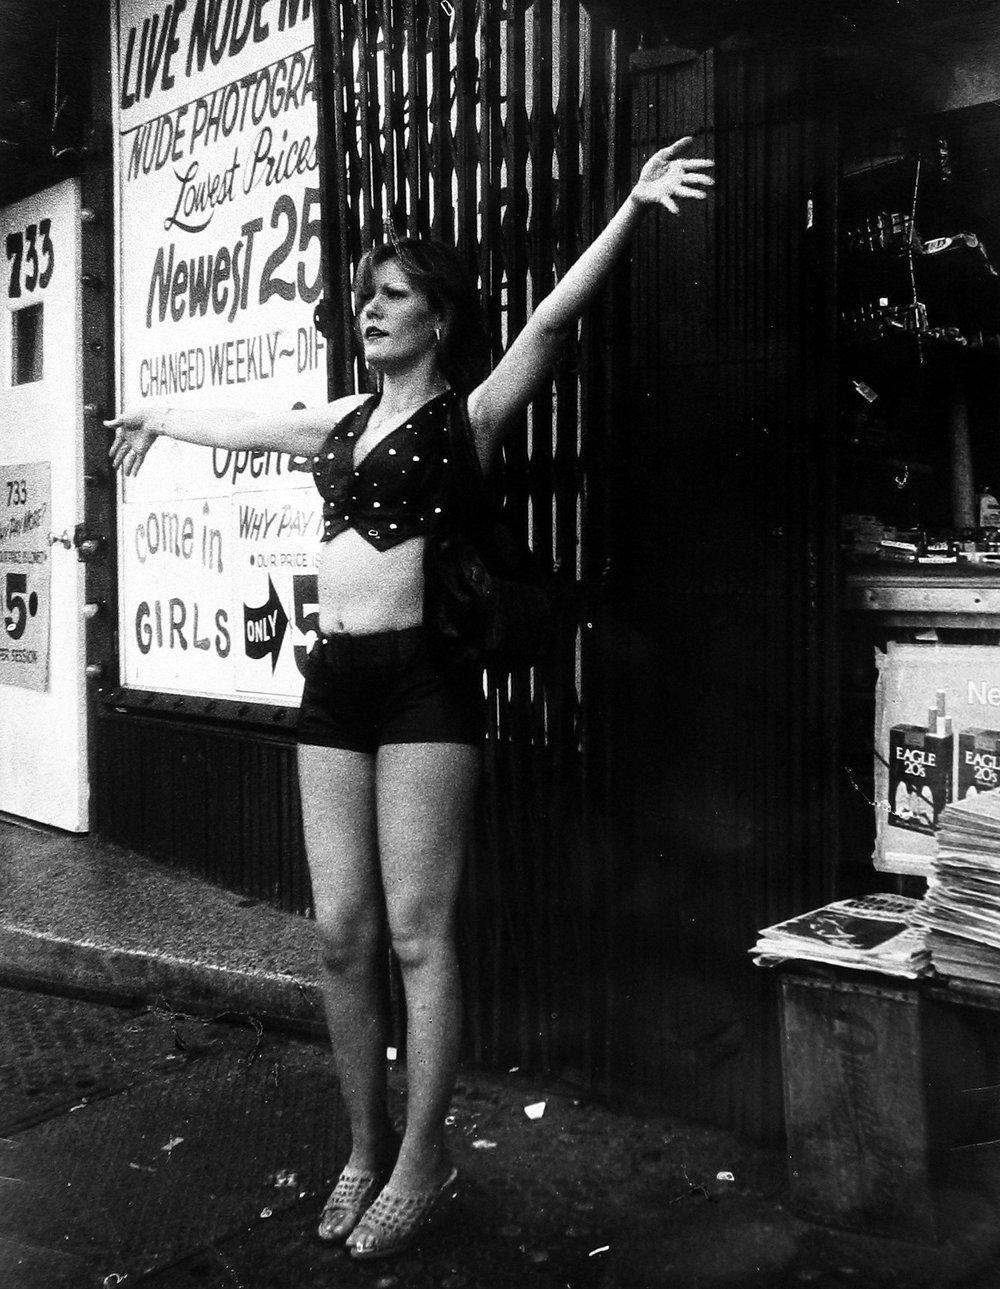 Scarlet-muse-prostituicao-em-fotos (3).jpg